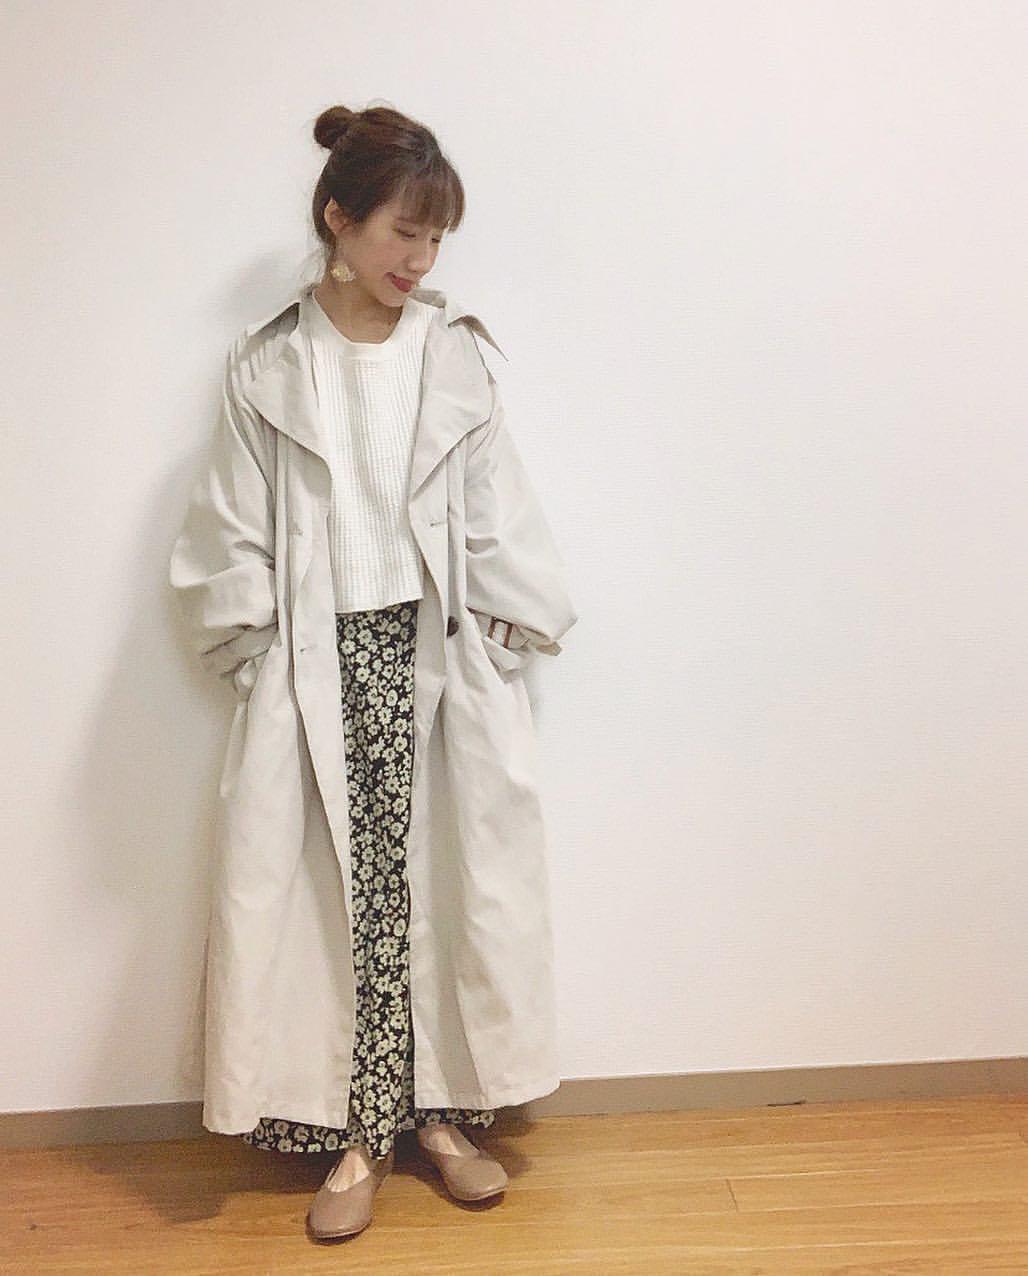 最高気温9度・最低気温4度 __tachaaanの服装